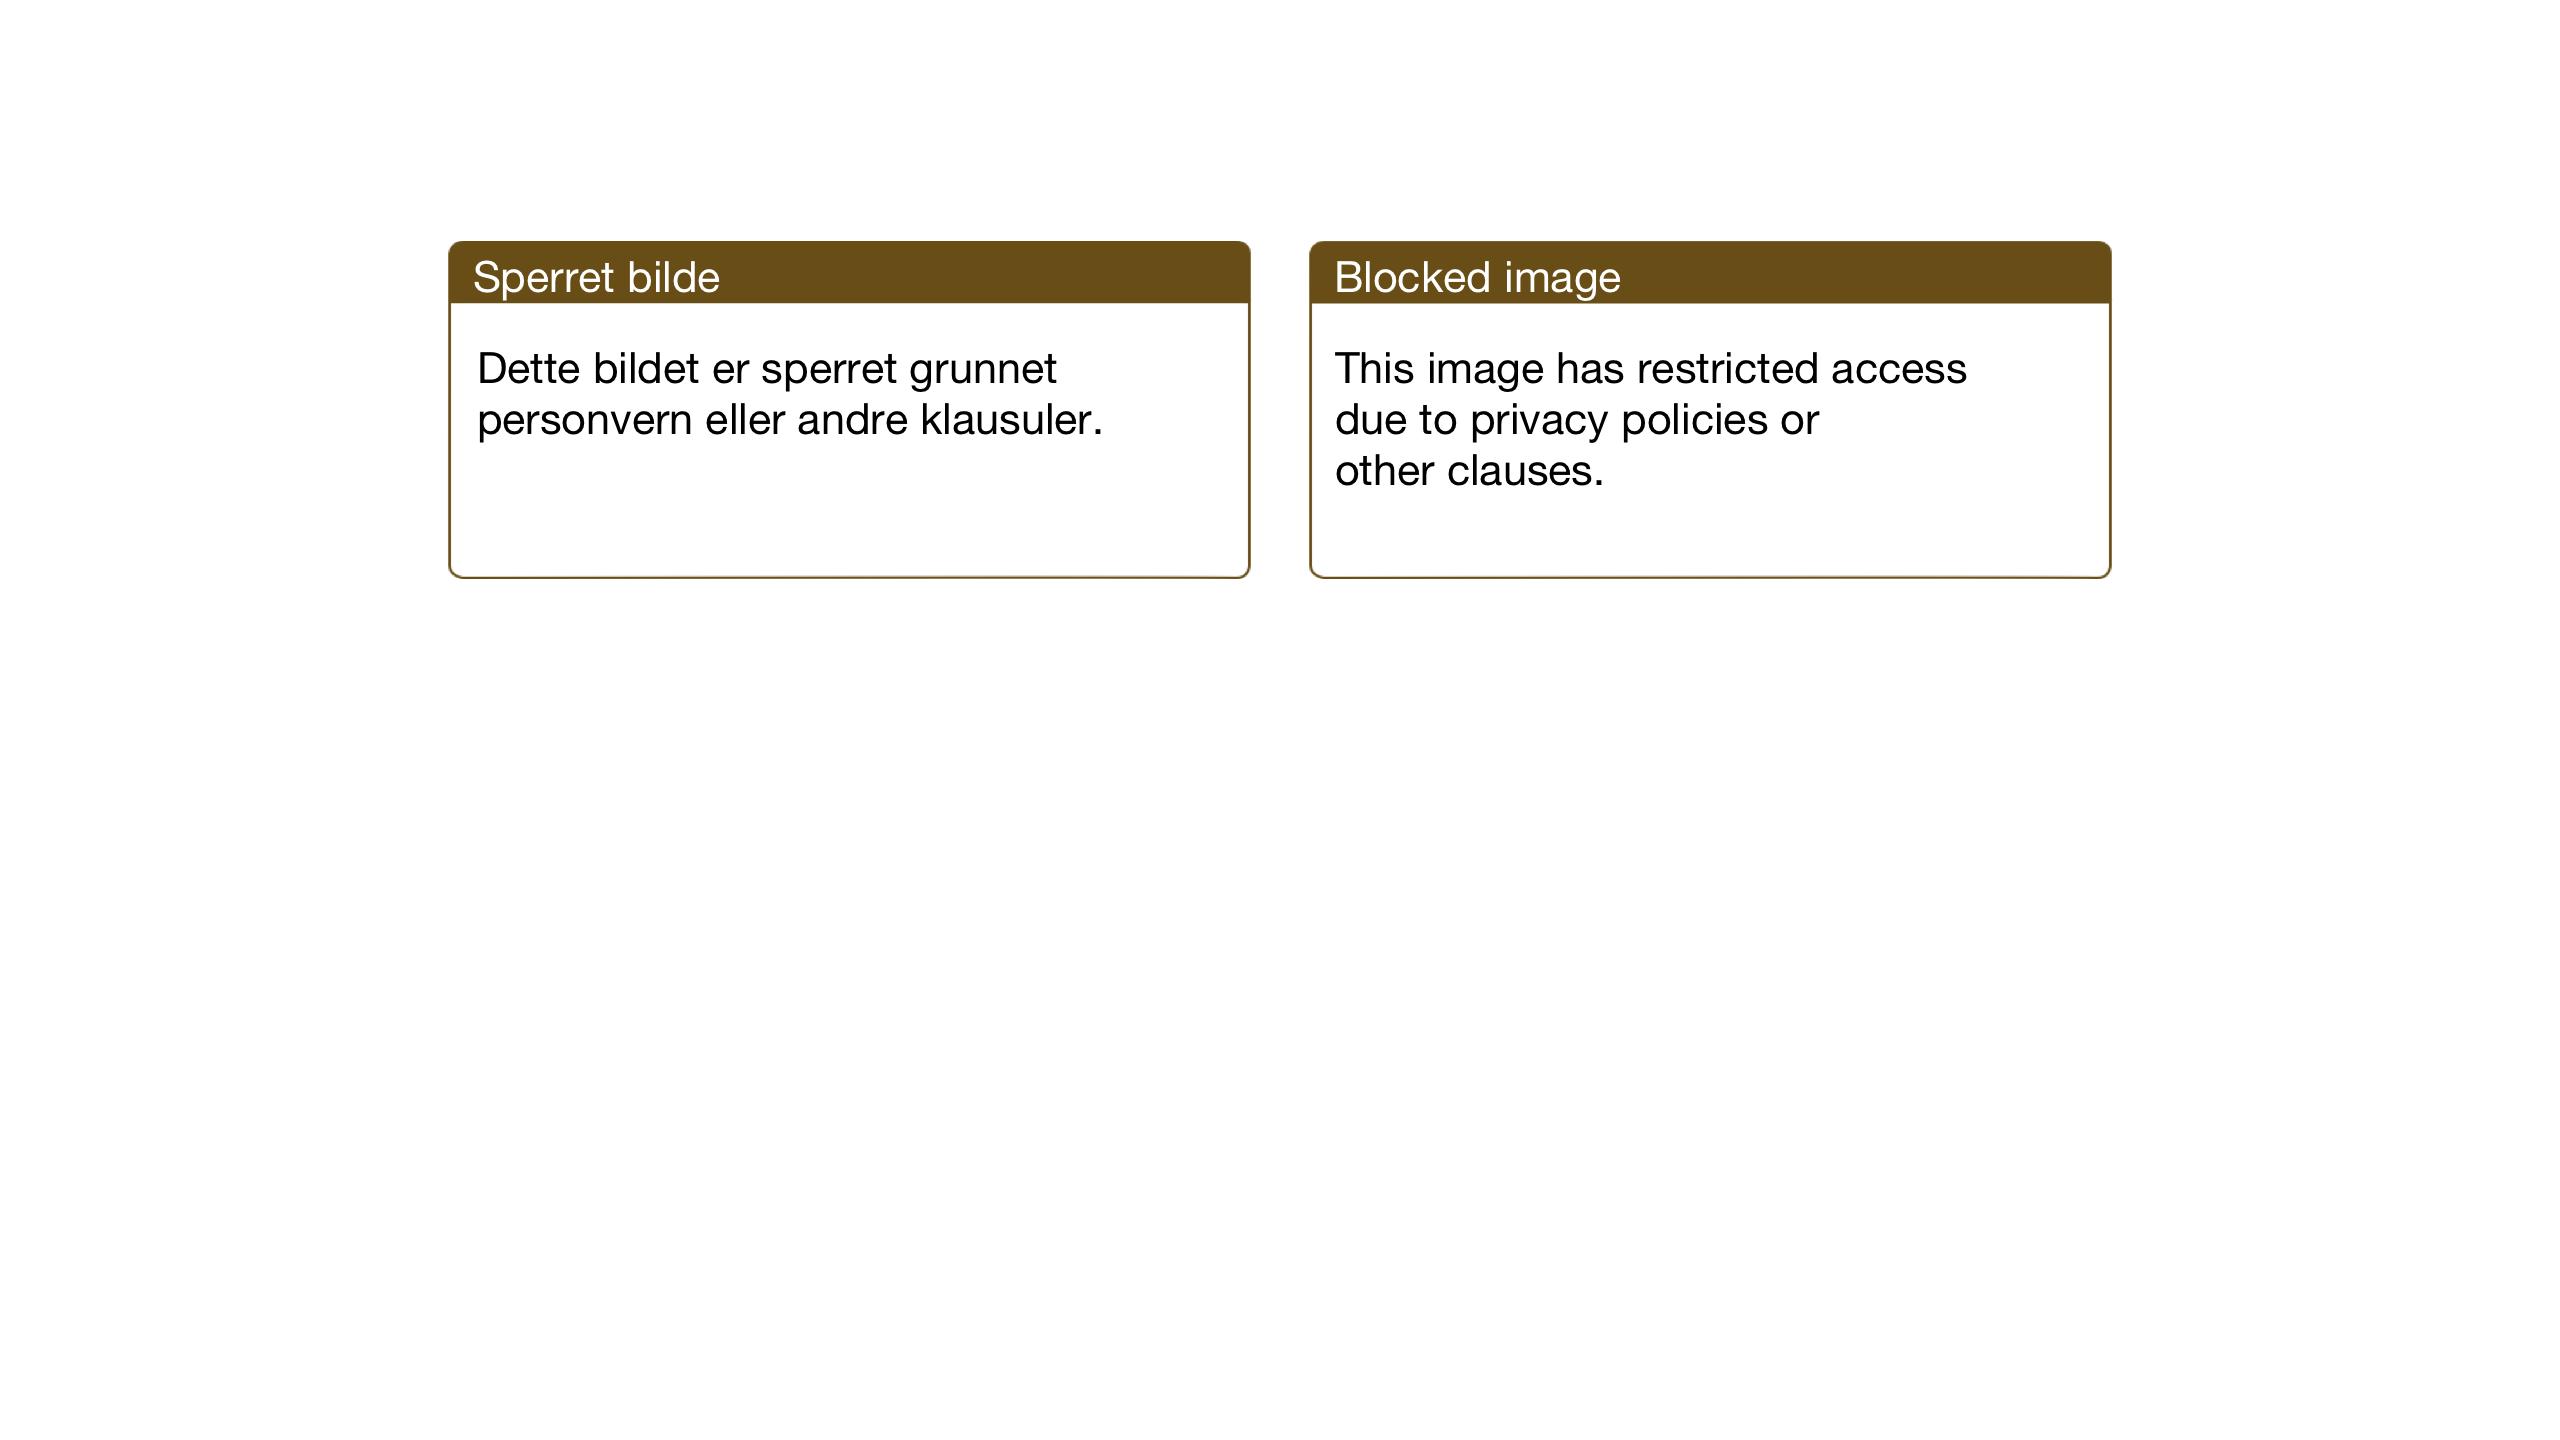 SAT, Ministerialprotokoller, klokkerbøker og fødselsregistre - Nord-Trøndelag, 732/L0319: Klokkerbok nr. 732C03, 1911-1945, s. 39